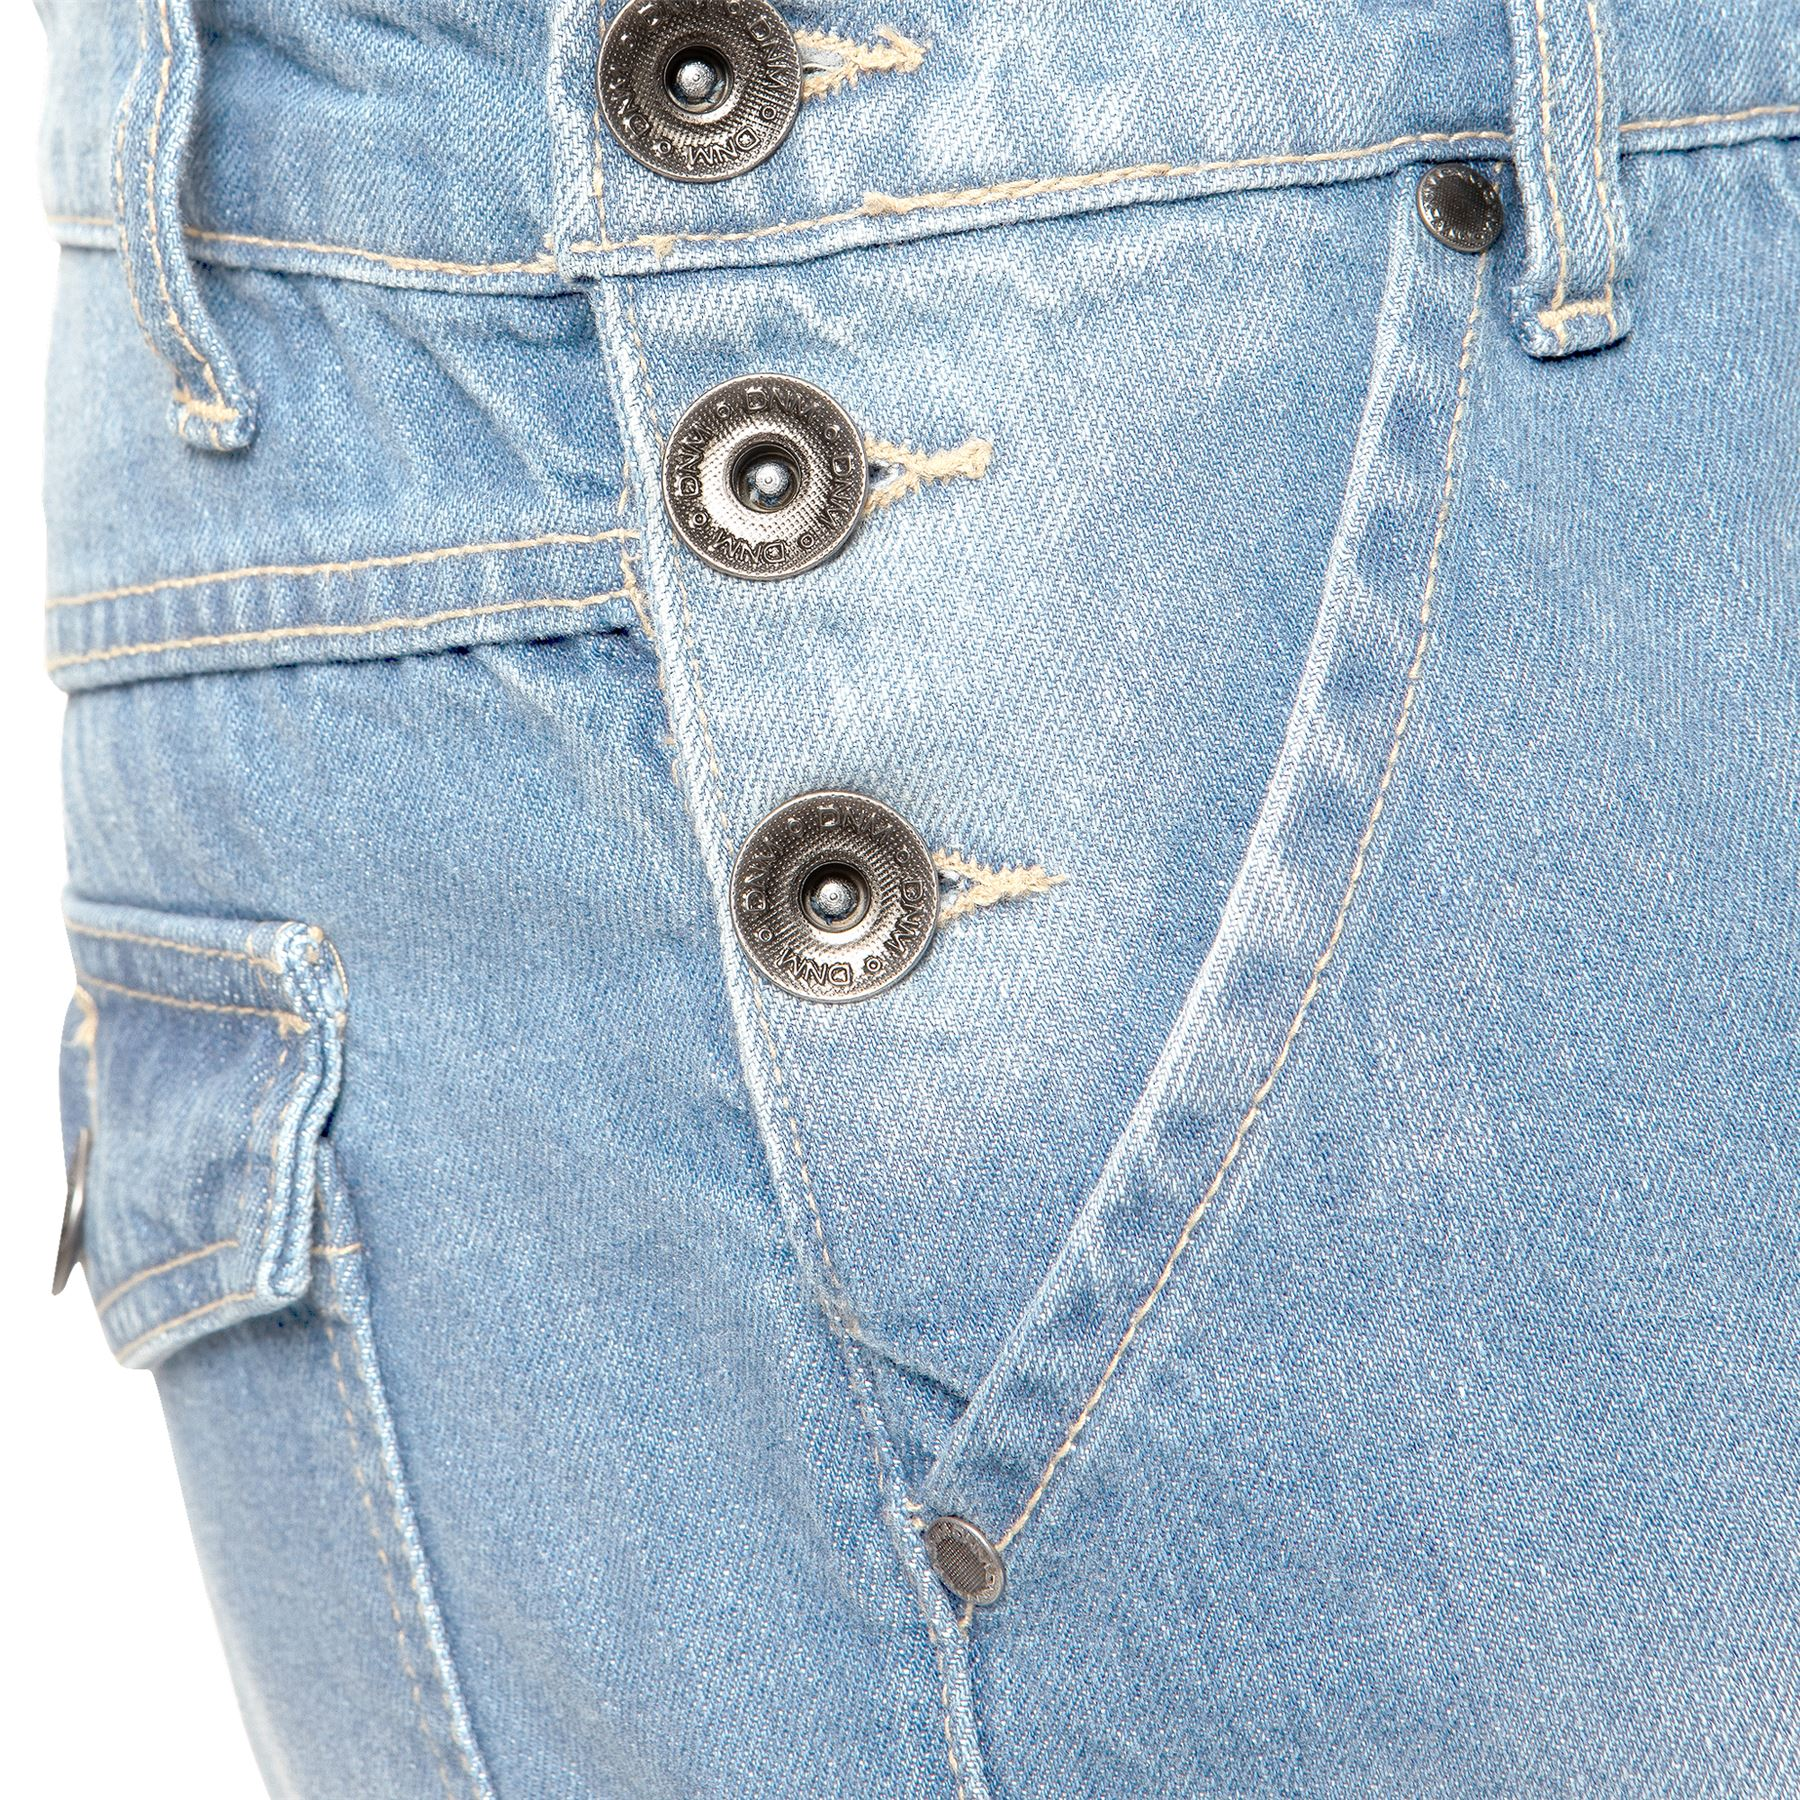 ENZO-Jeans-Hombre-Denim-Azul-Peto-Peto-overoles-Todas-Cinturas-Talla-30-034-50-034 miniatura 16